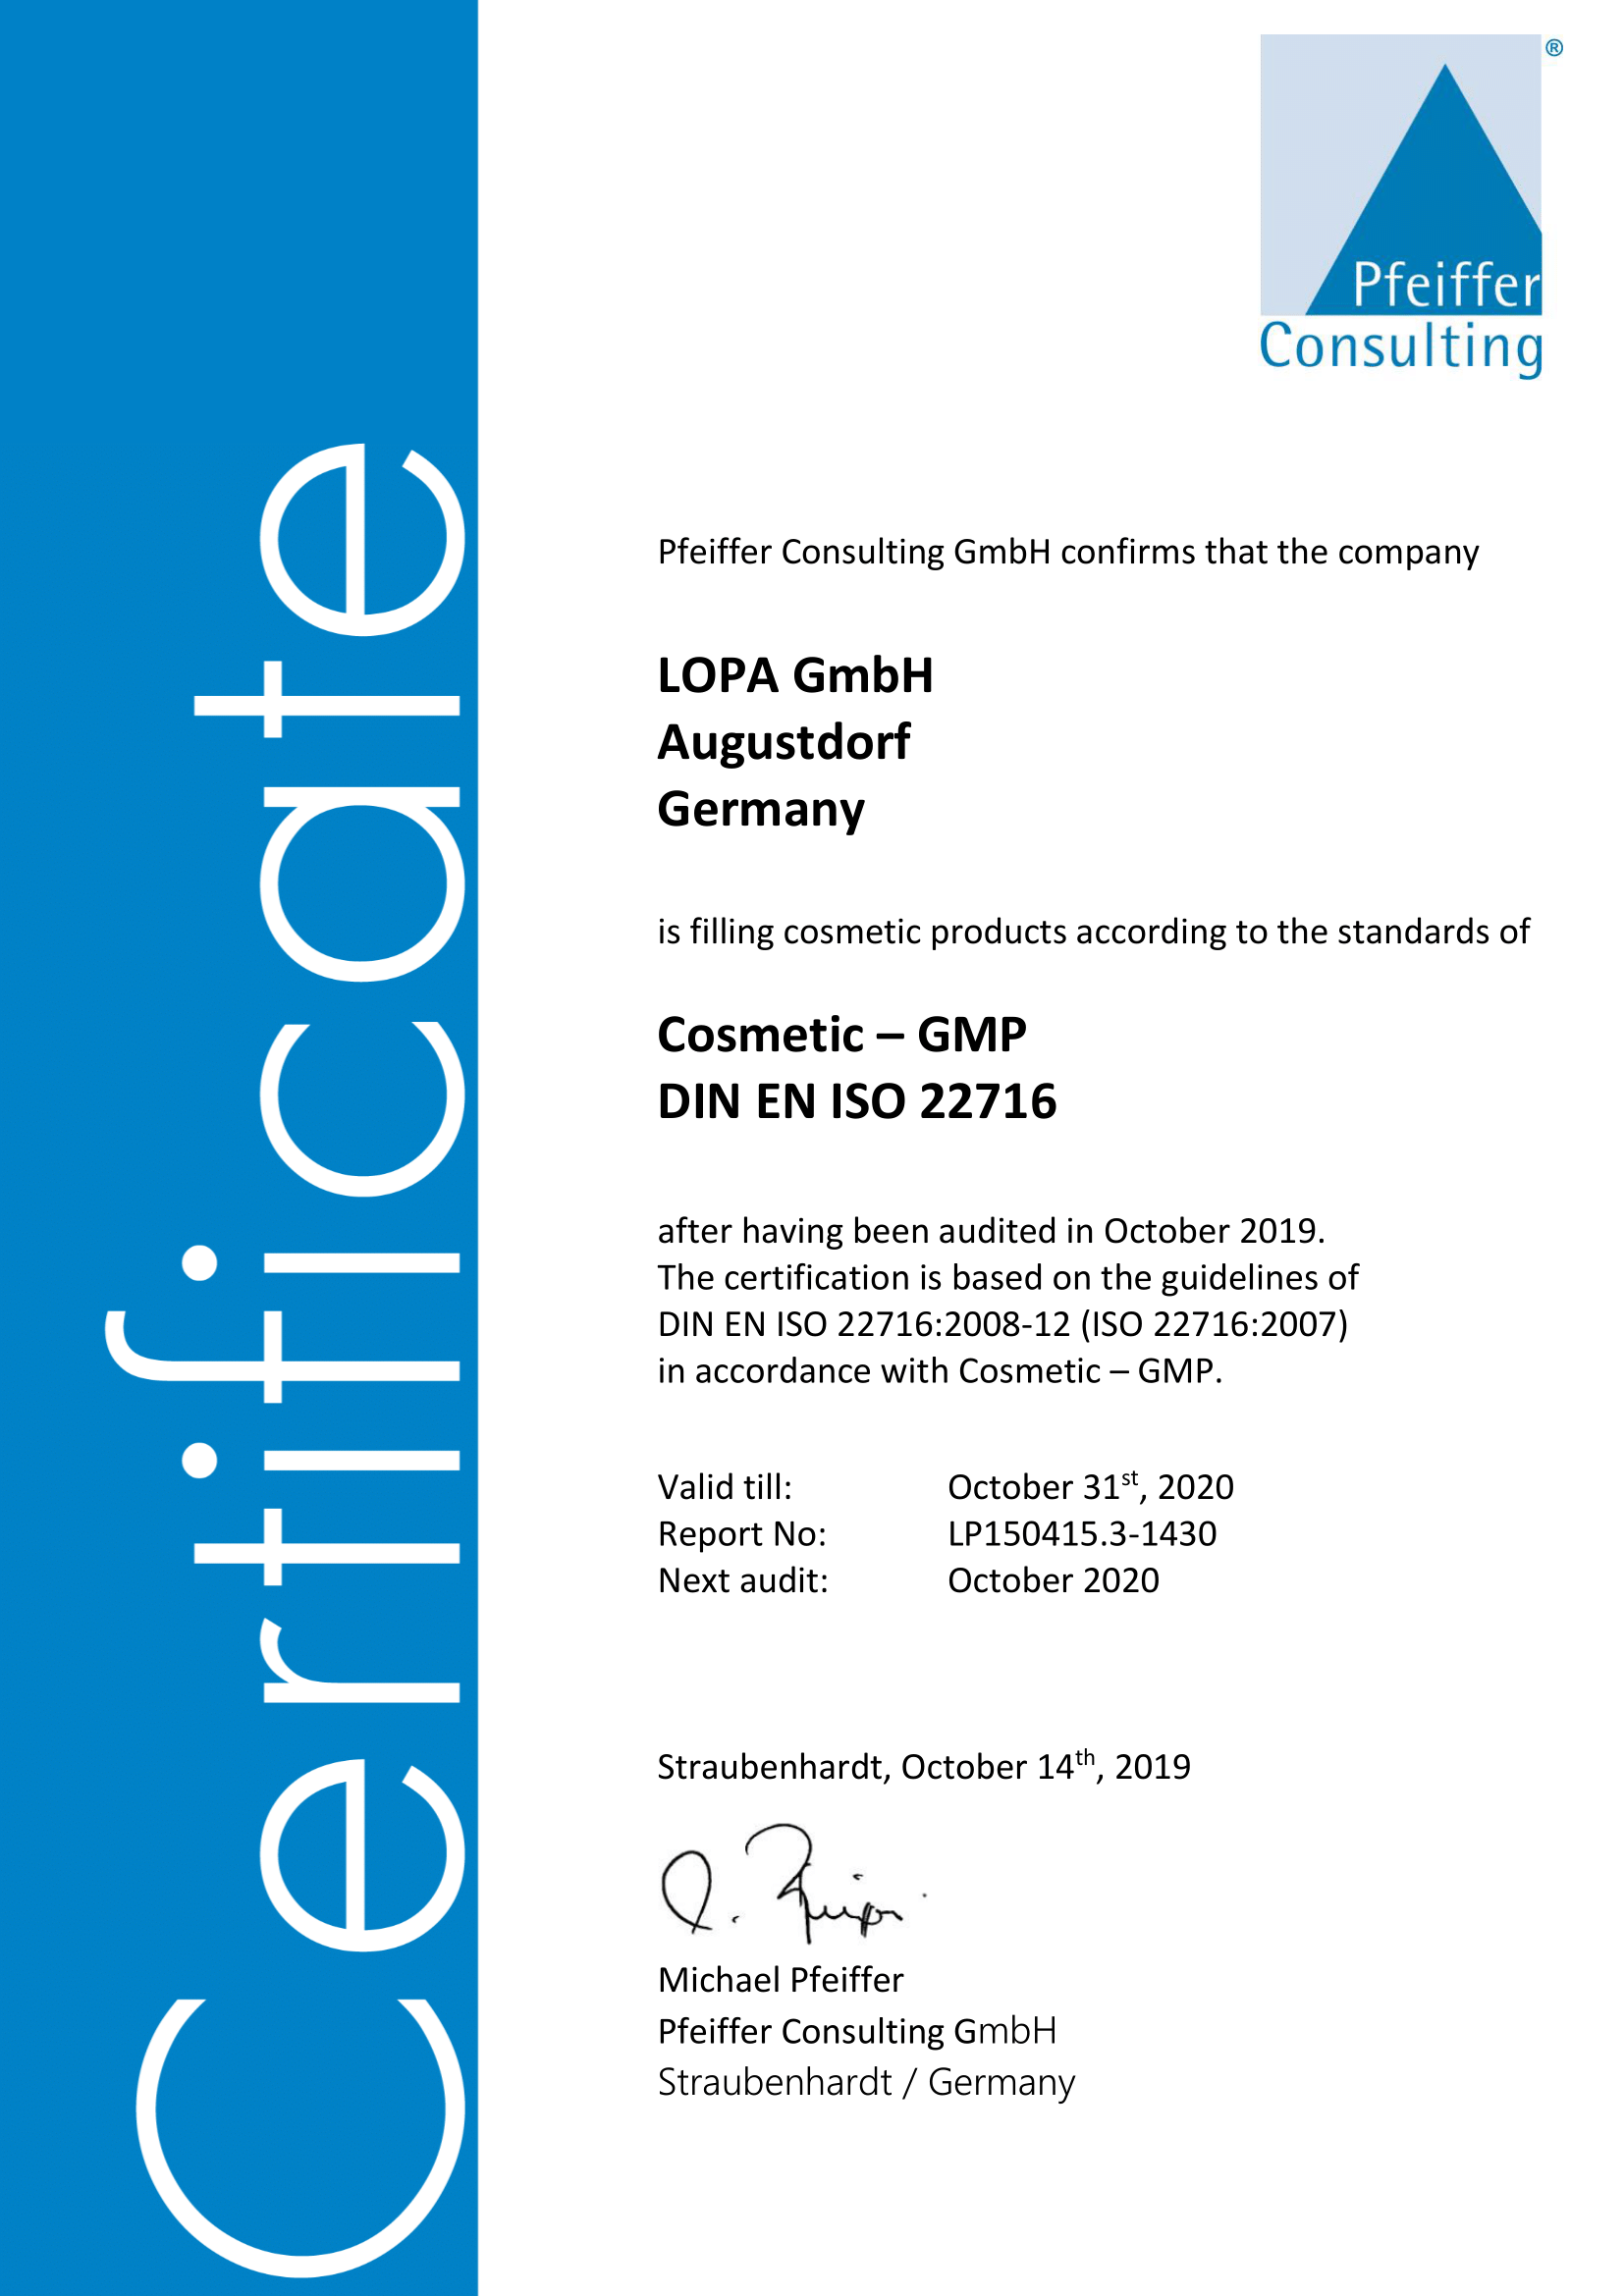 LOPA GmbH Zertifikat Pfeiffer Consulting